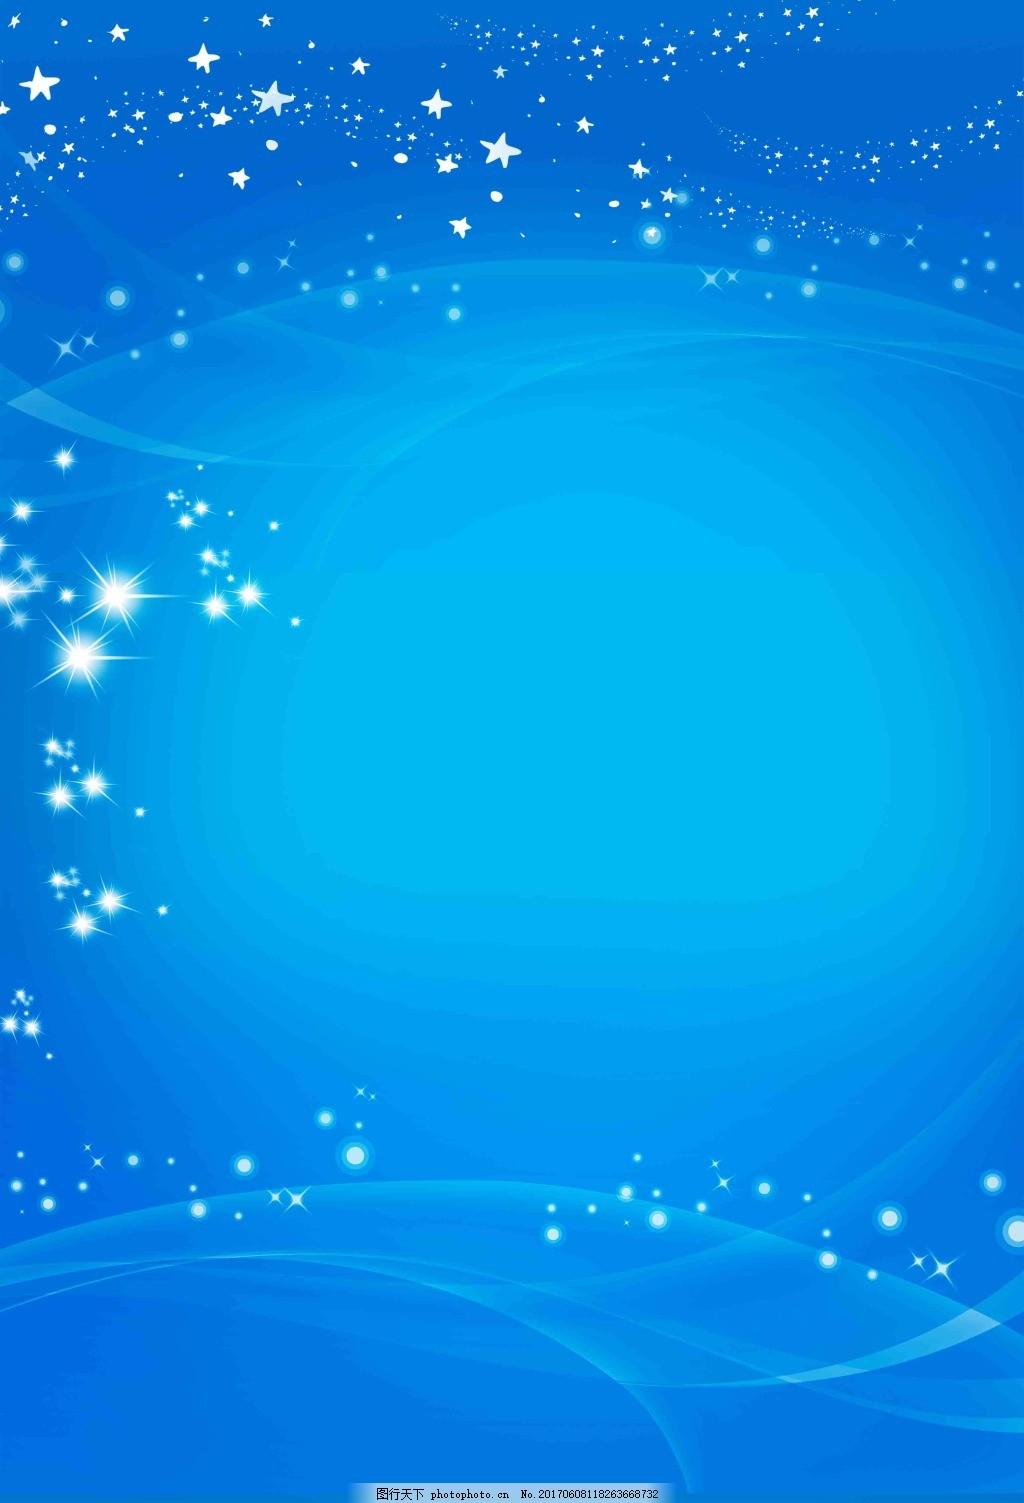 星光点点蓝色背景素材 星光 点点 蓝色 背景 创意